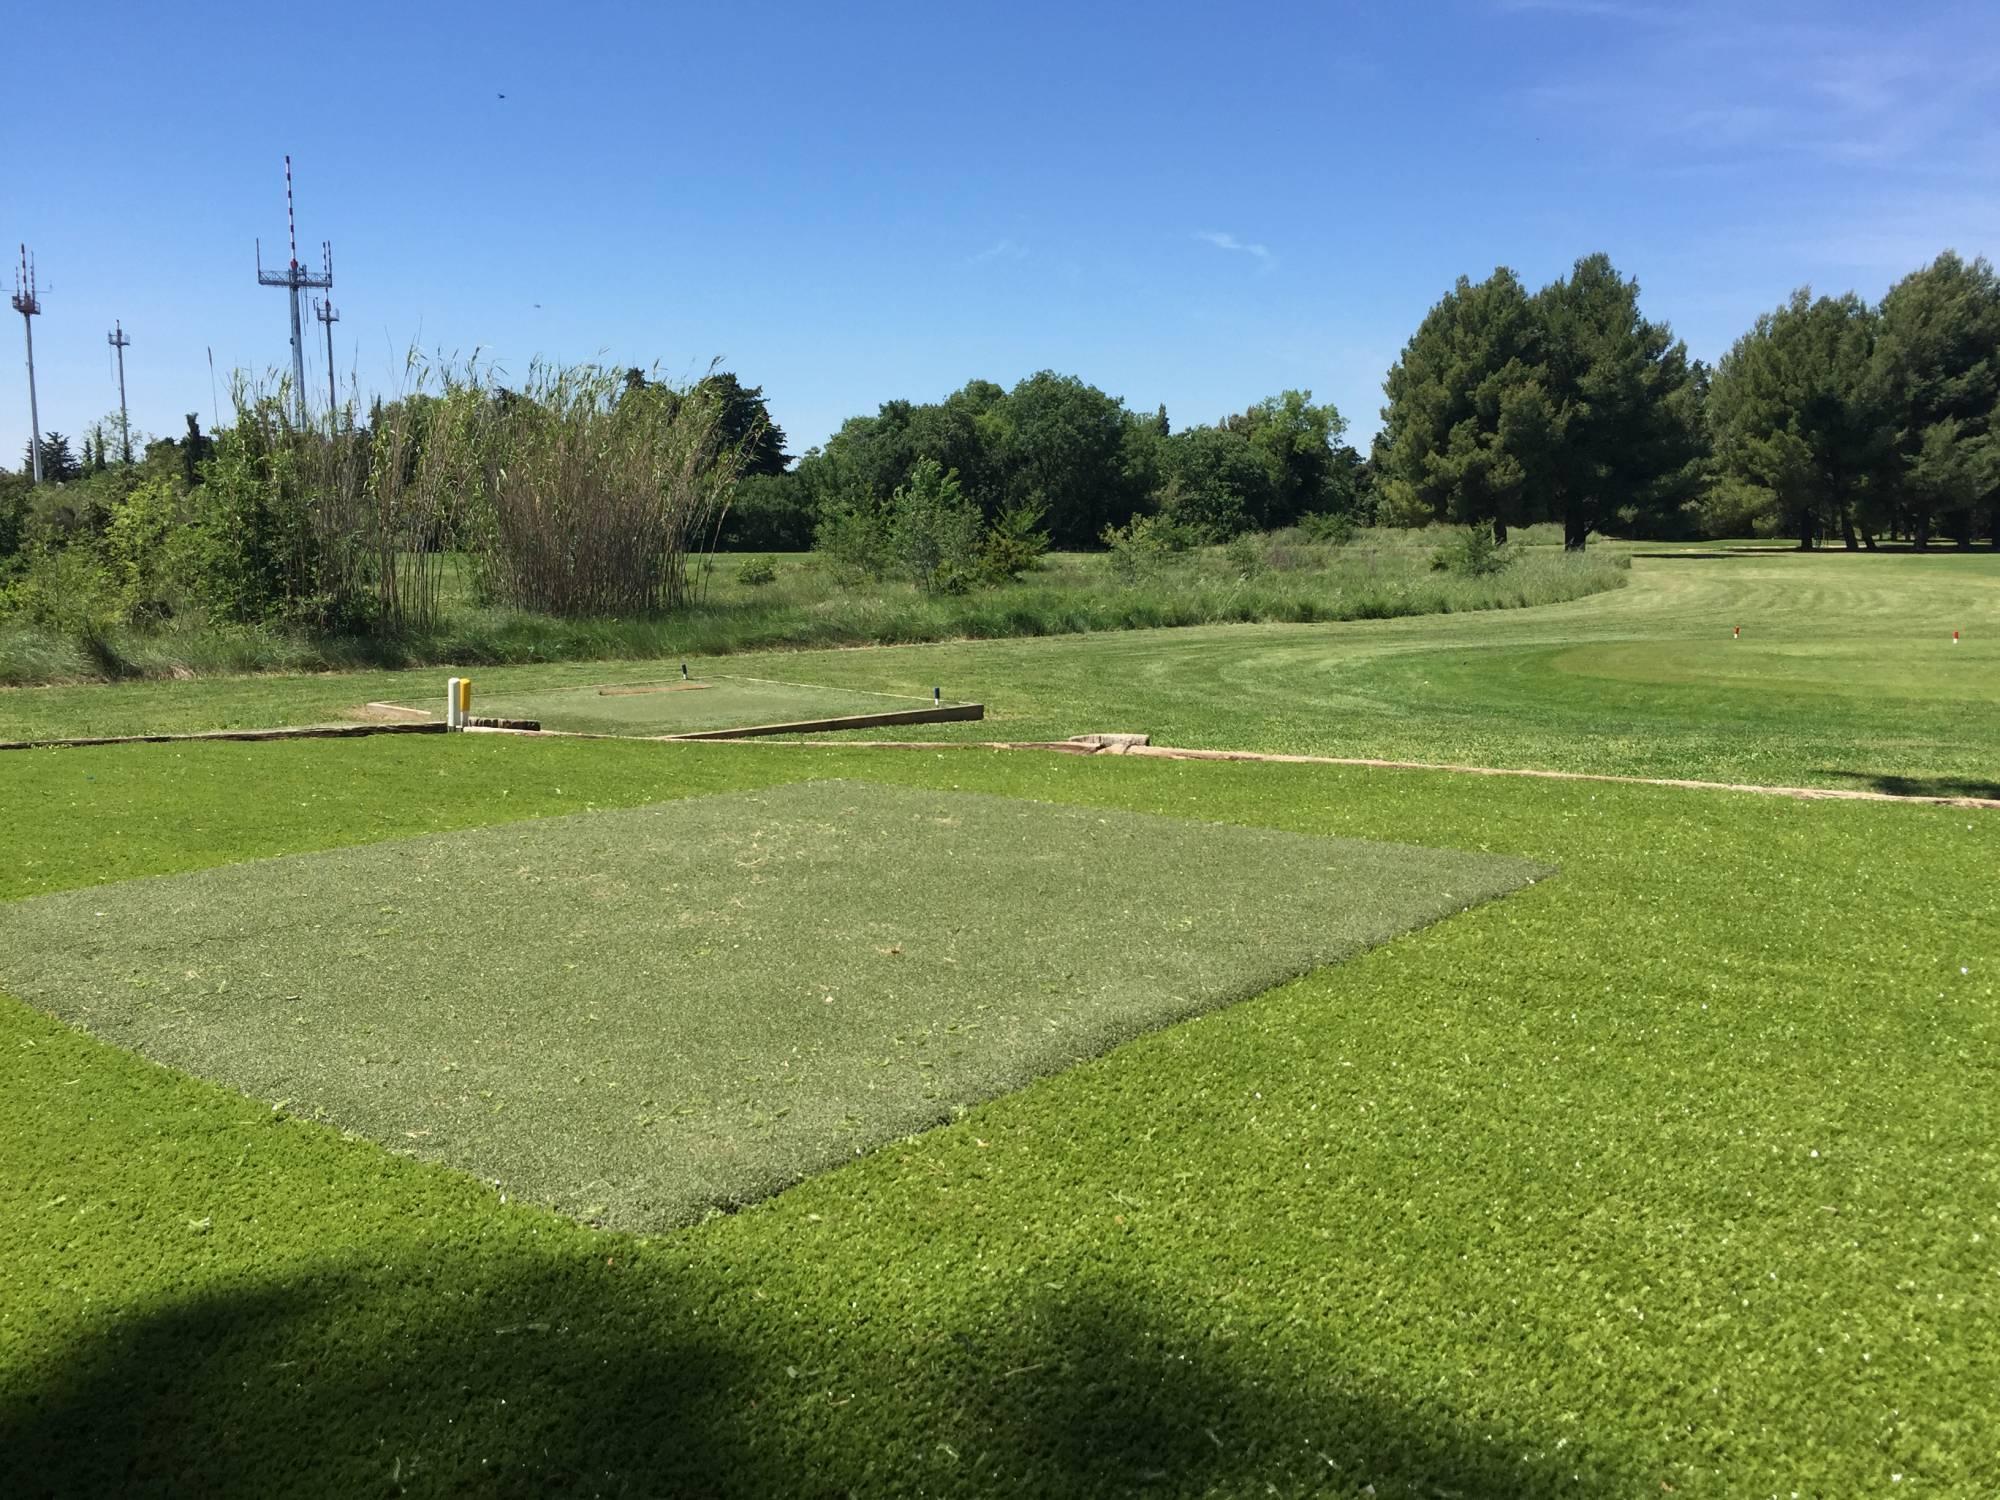 départ synthétique de golf au golf de Salon de provence